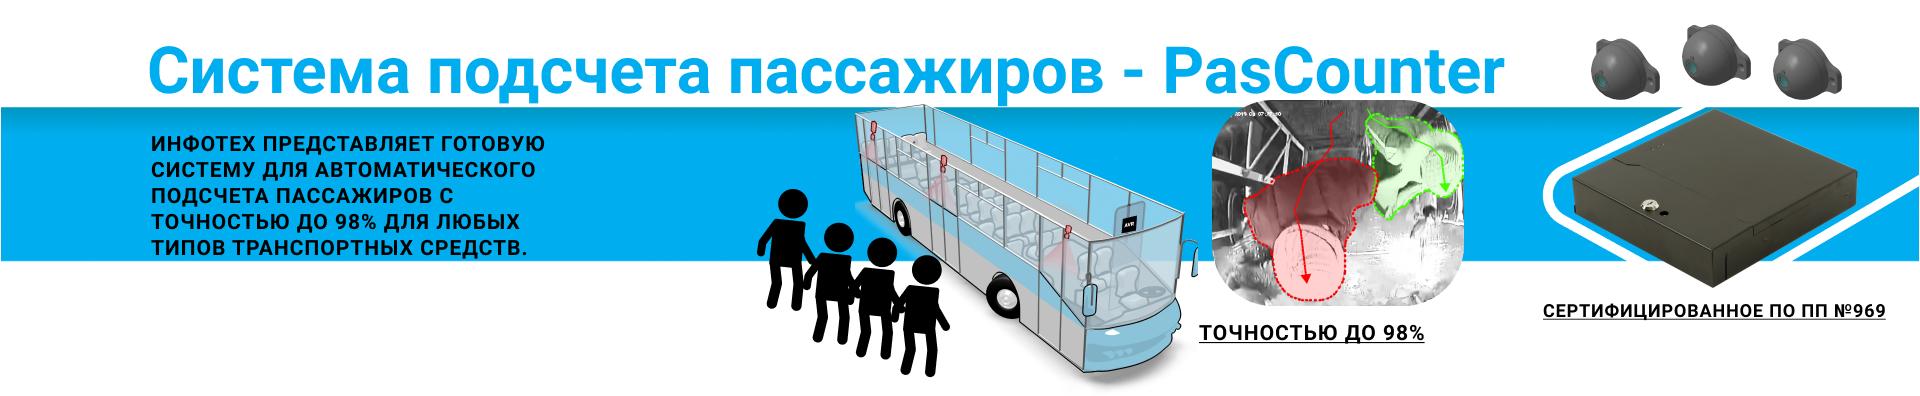 Система подсчета пассажиров на борту транспортного средства